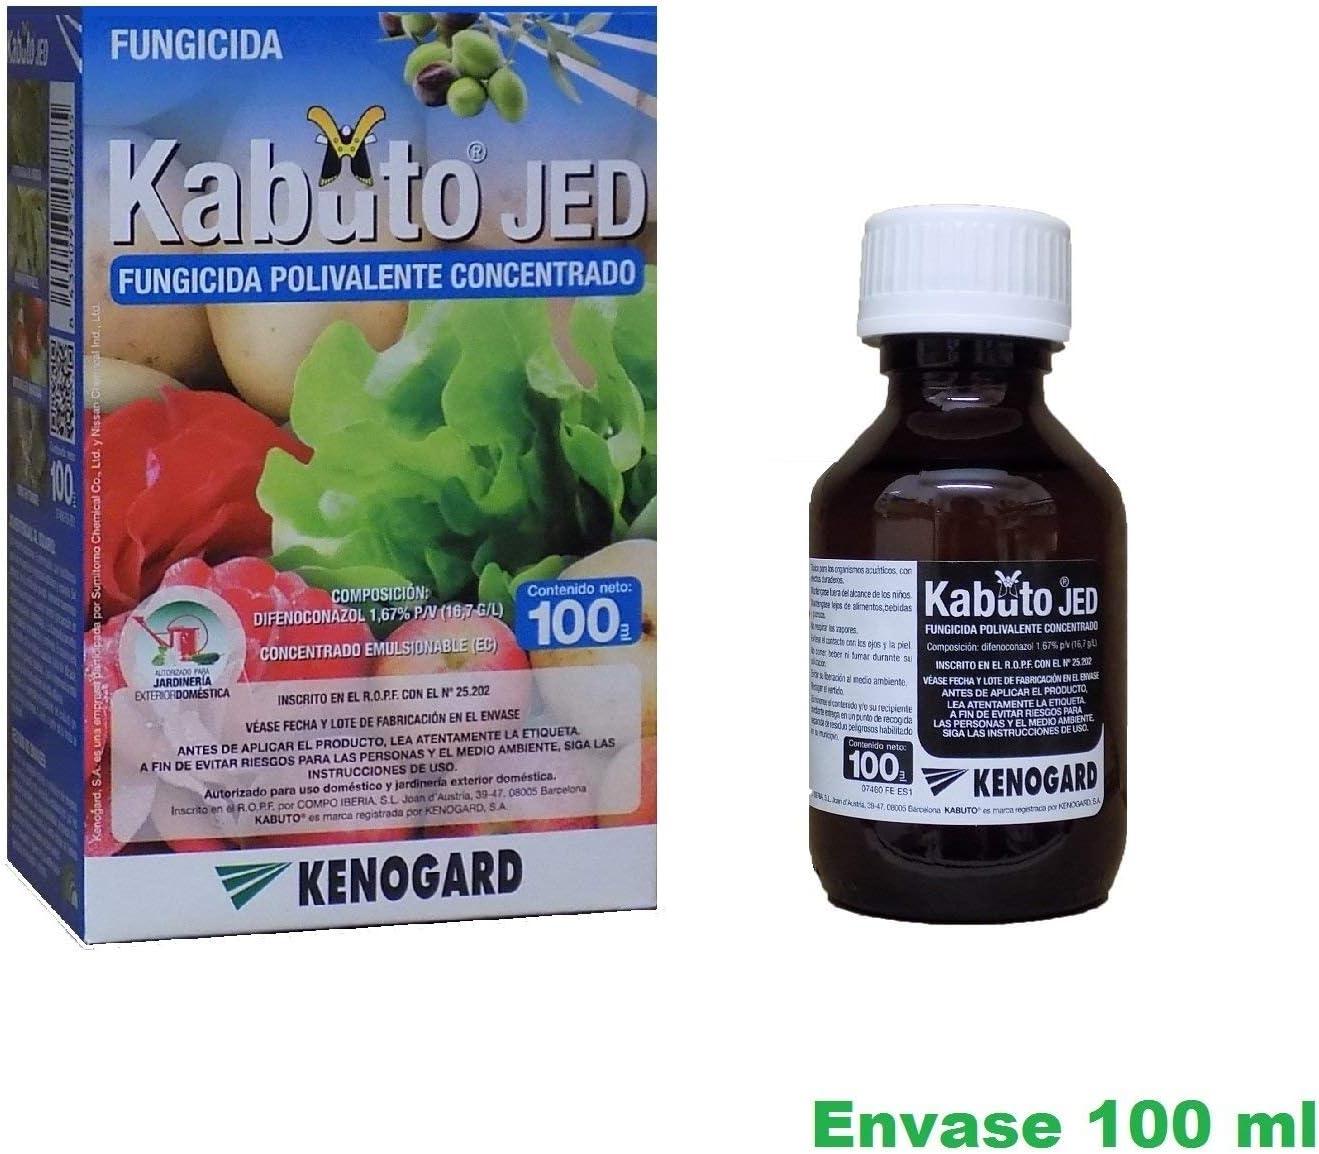 KENOGAARD Fungicida Concentrado polivalente Kabuto Jed 100ml Combate oidio, Roya, alternaria, Moteado y Otros